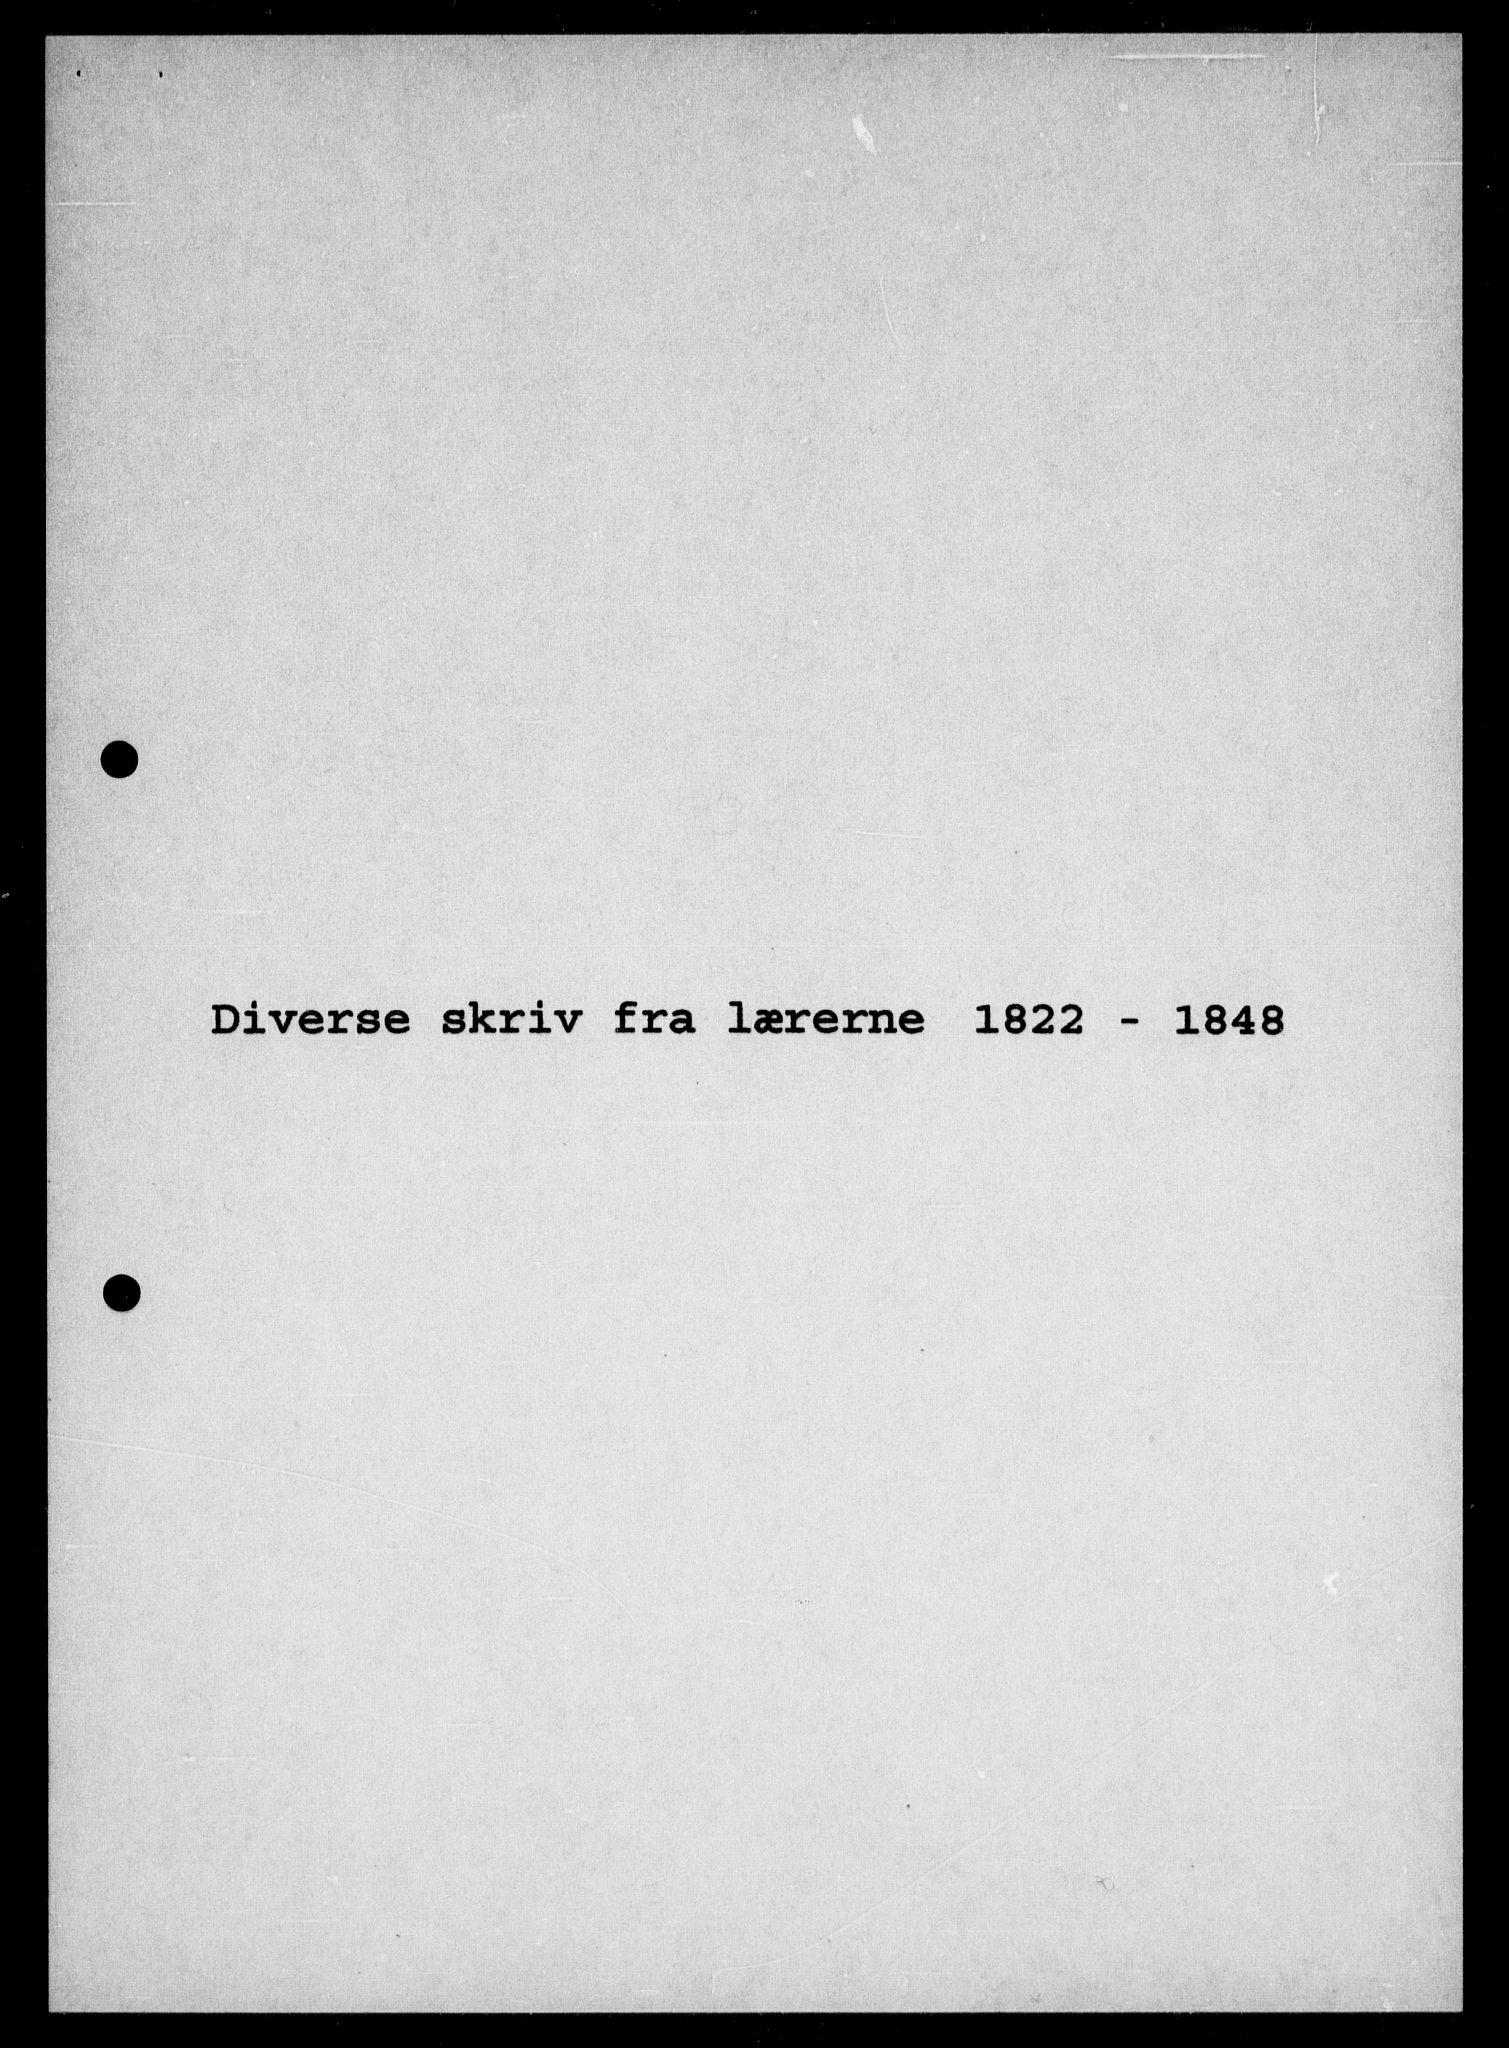 RA, Modums Blaafarveværk, G/Gi/L0382, 1822-1848, s. 2